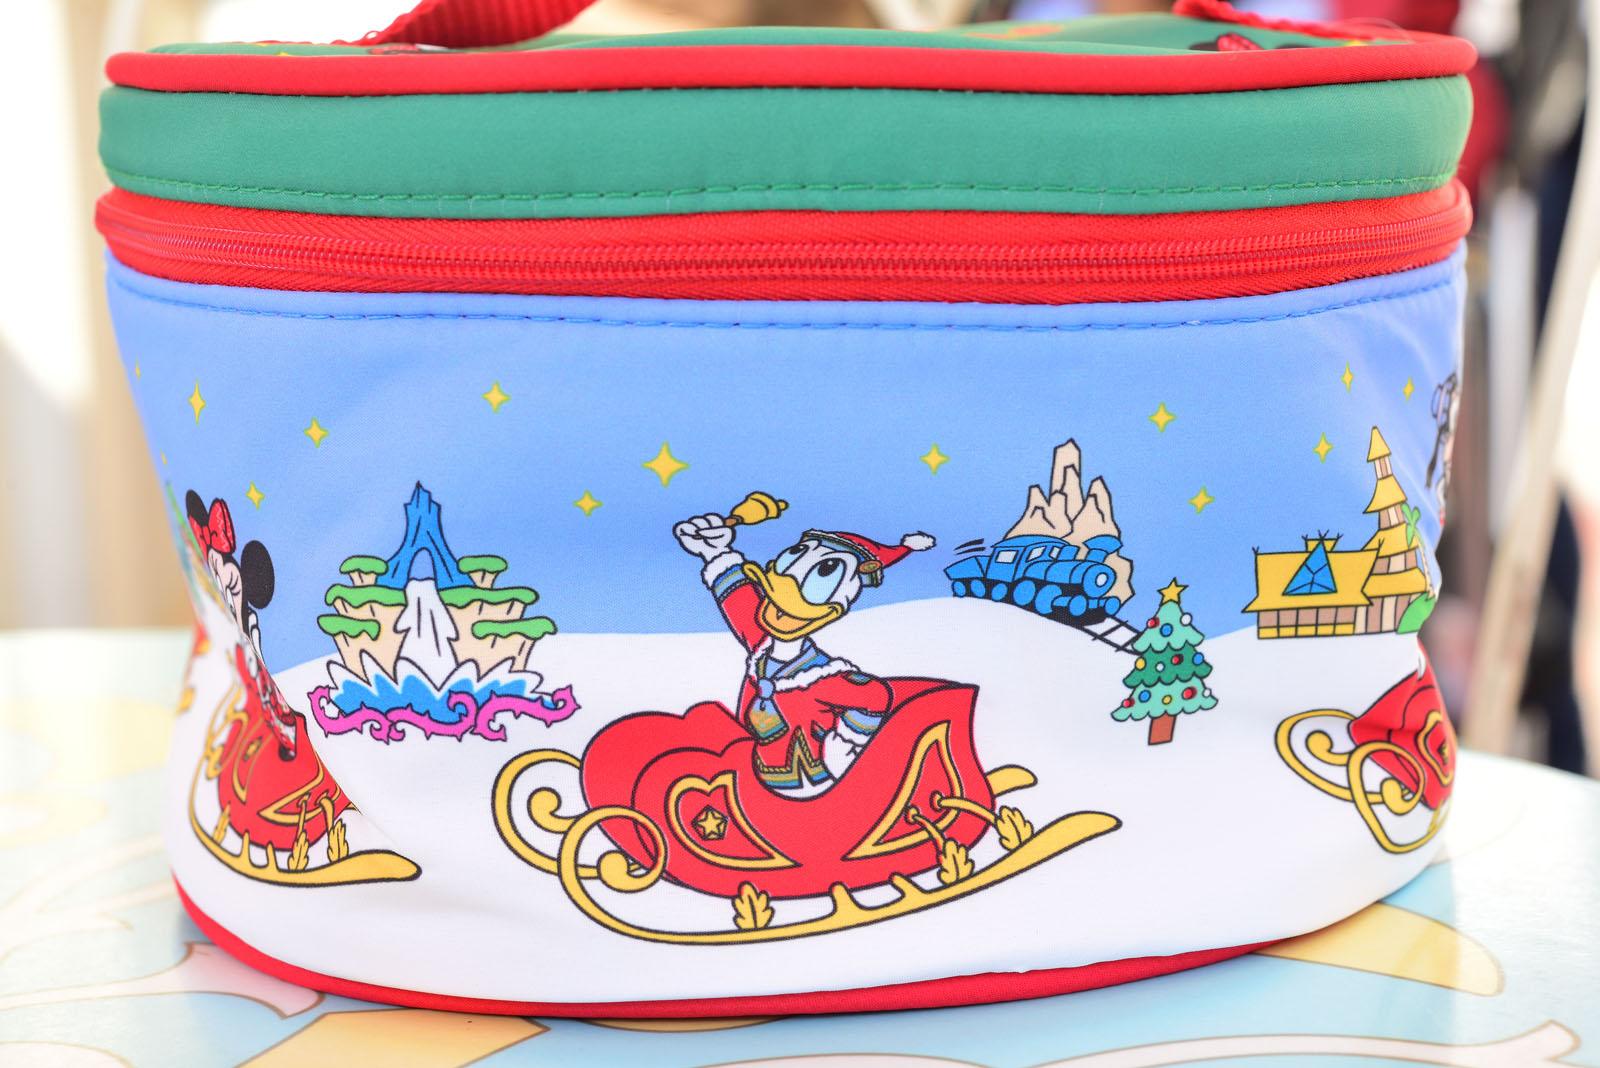 東京ディズニーランド ディズニー・クリスマス2019 スーベニアランチケース